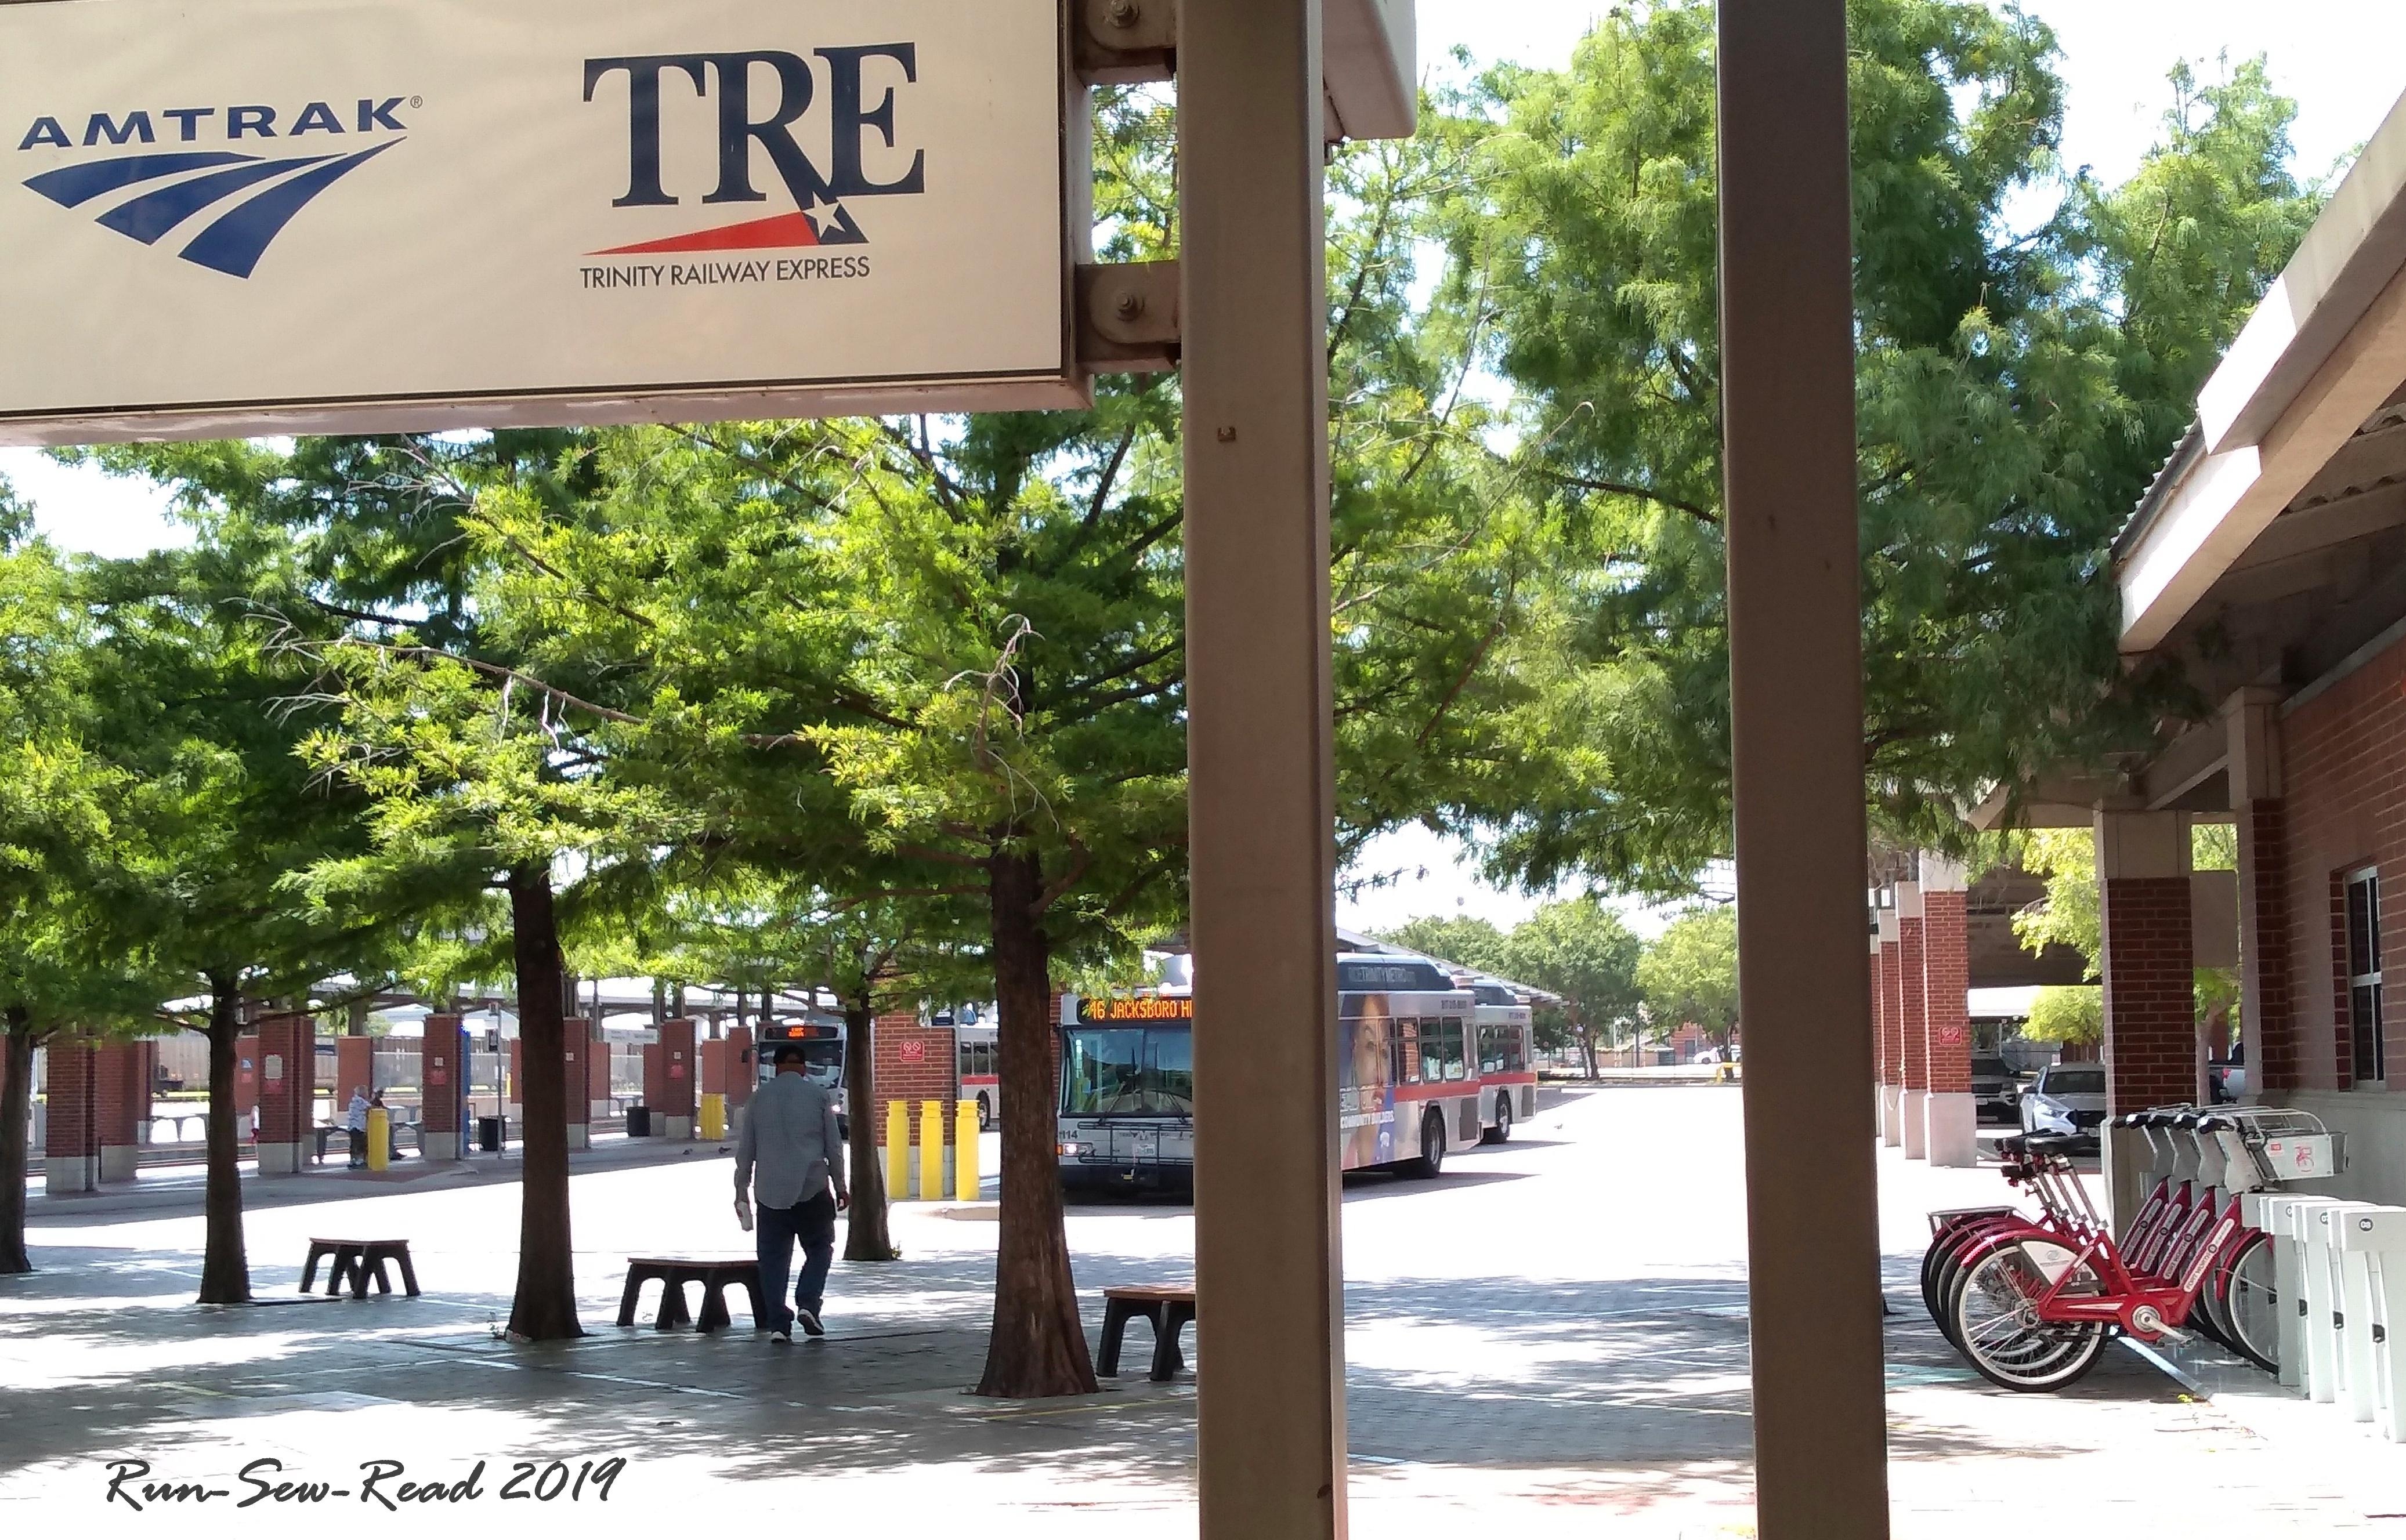 Fort Worth ITC RSR